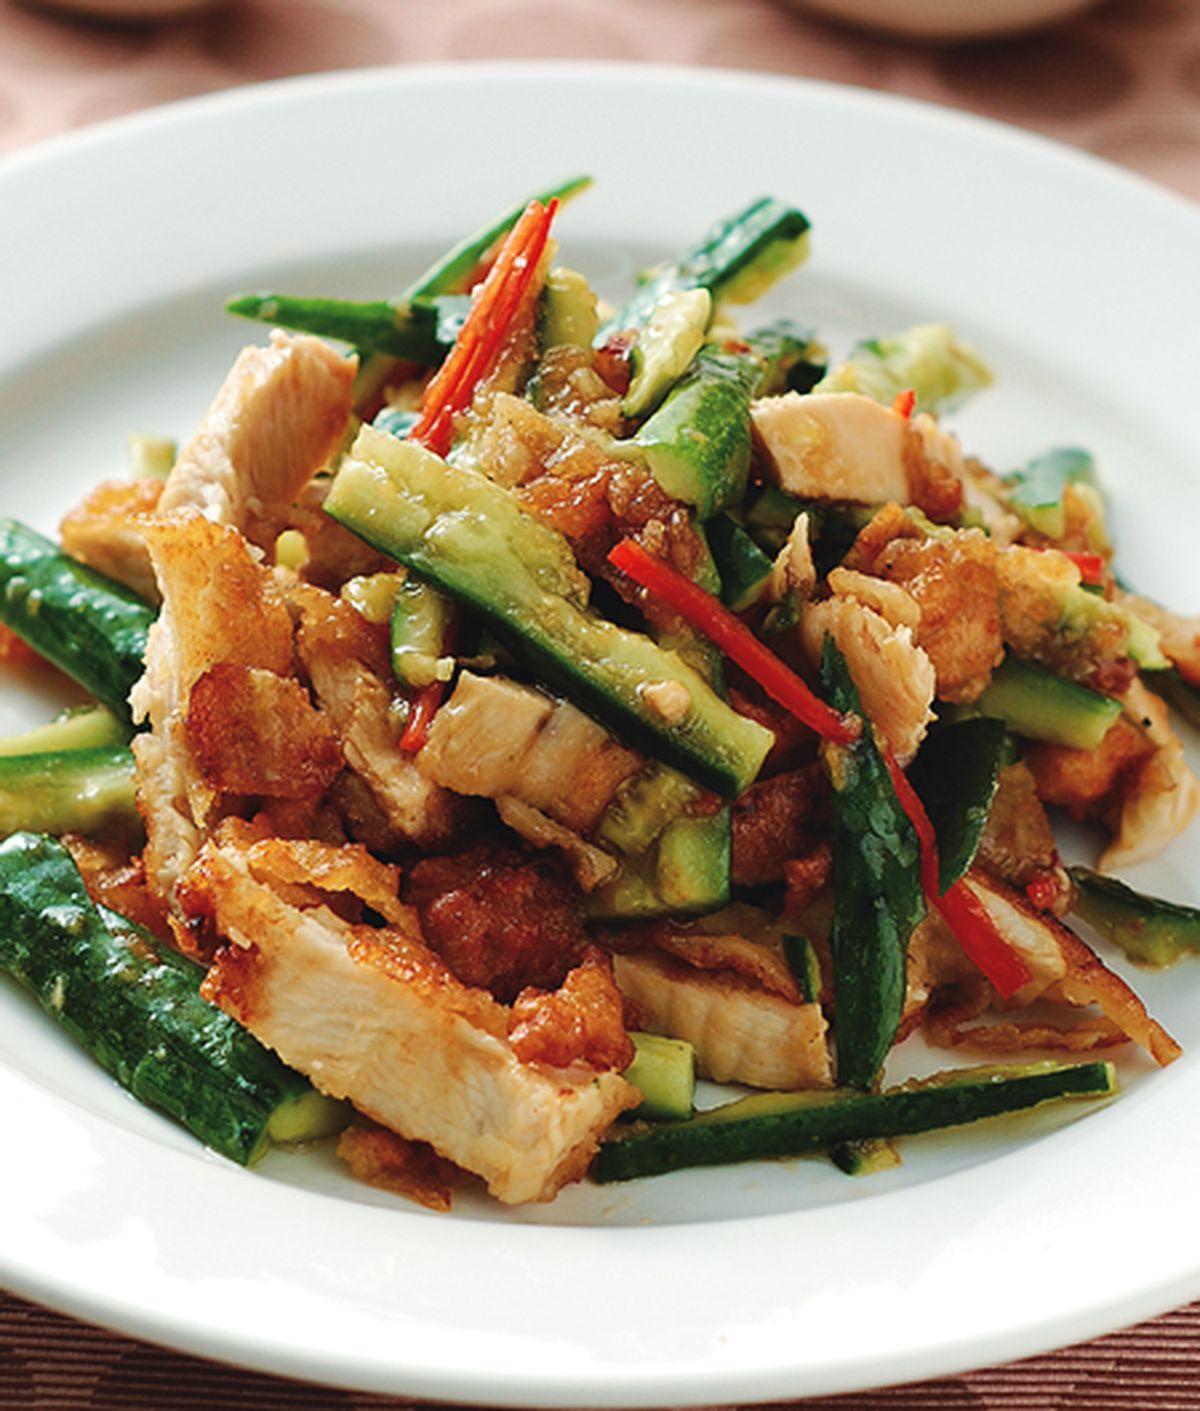 食譜:黃瓜拌雞排